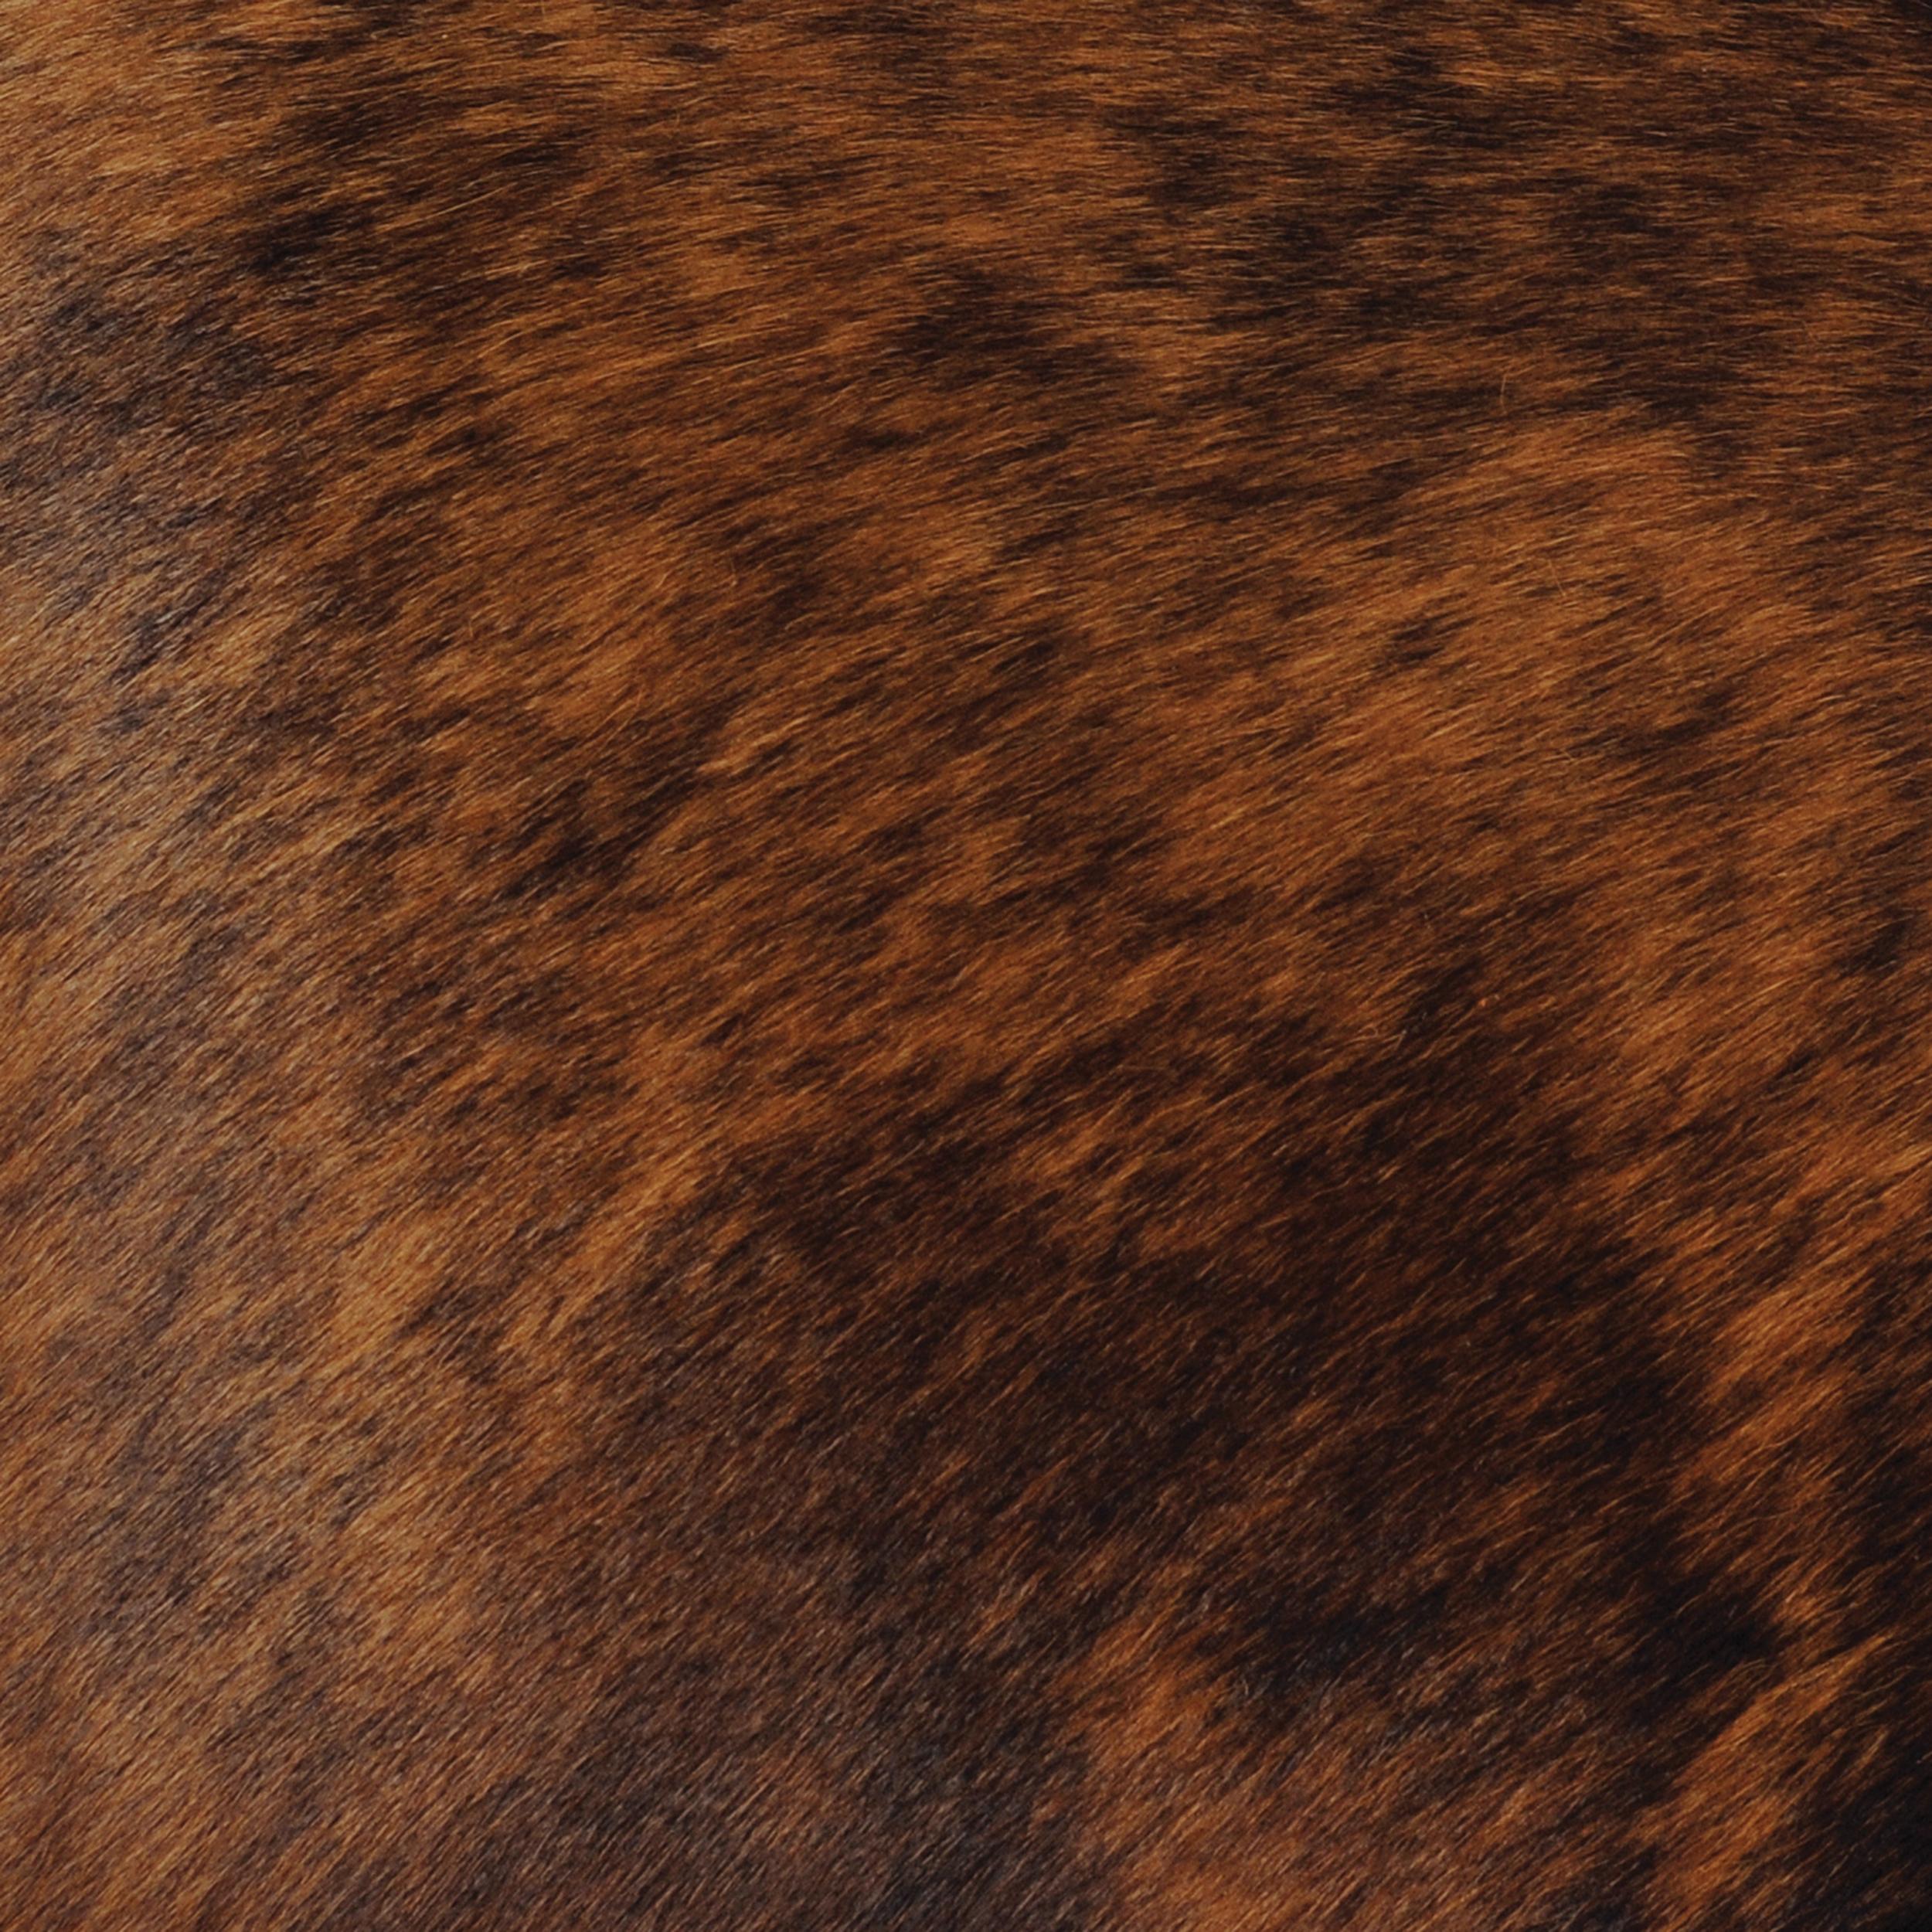 Dark Brindled Hair on Hide Leather